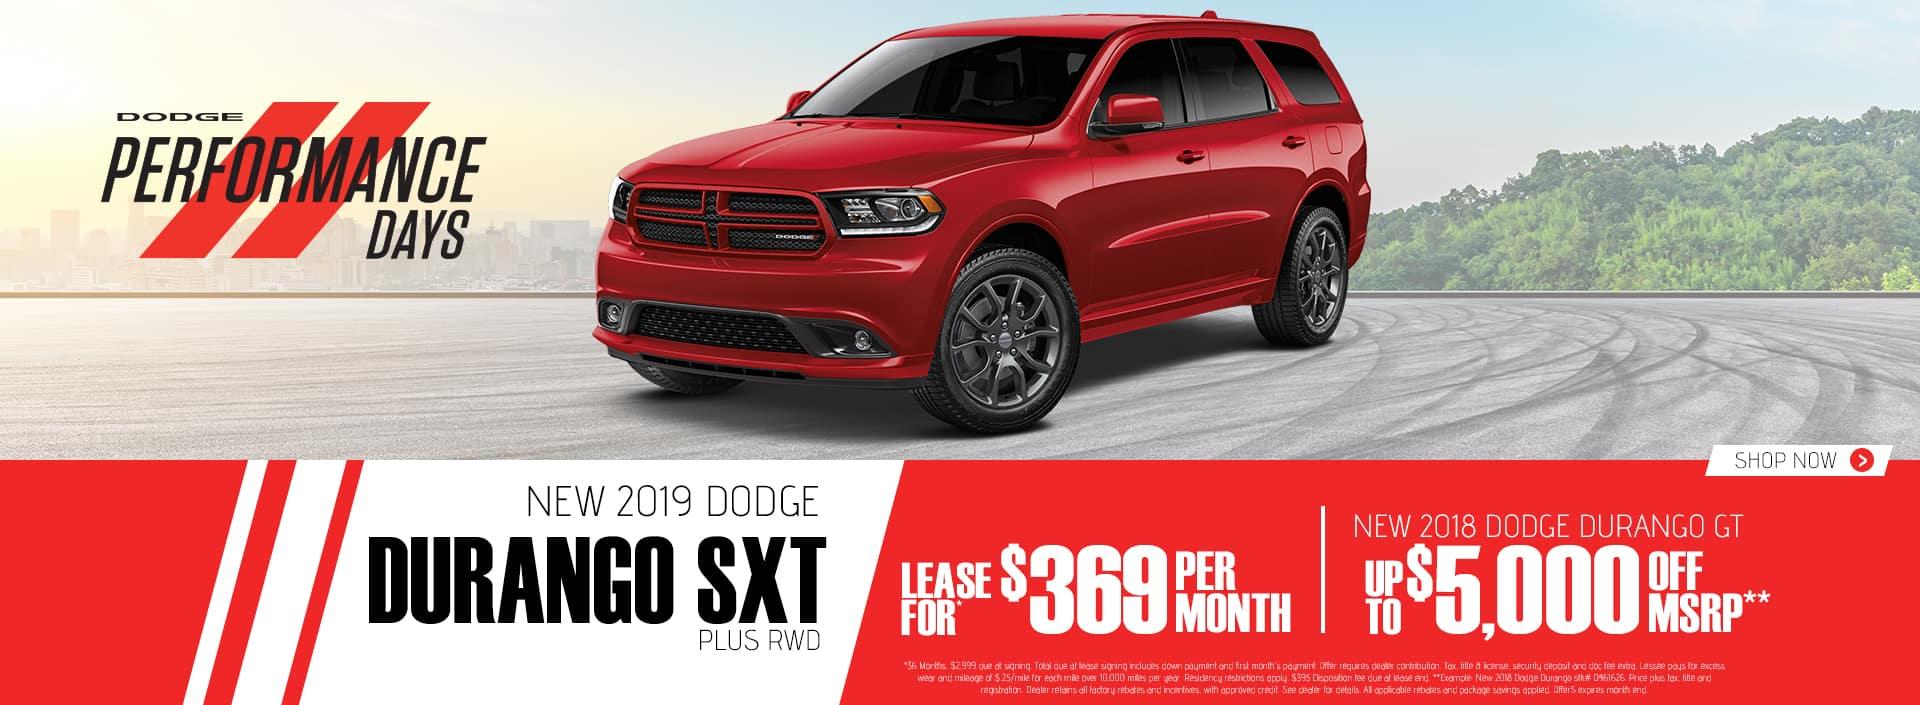 2019 Durango SXT Plus$369 Per Month 36 Months $2999 Down